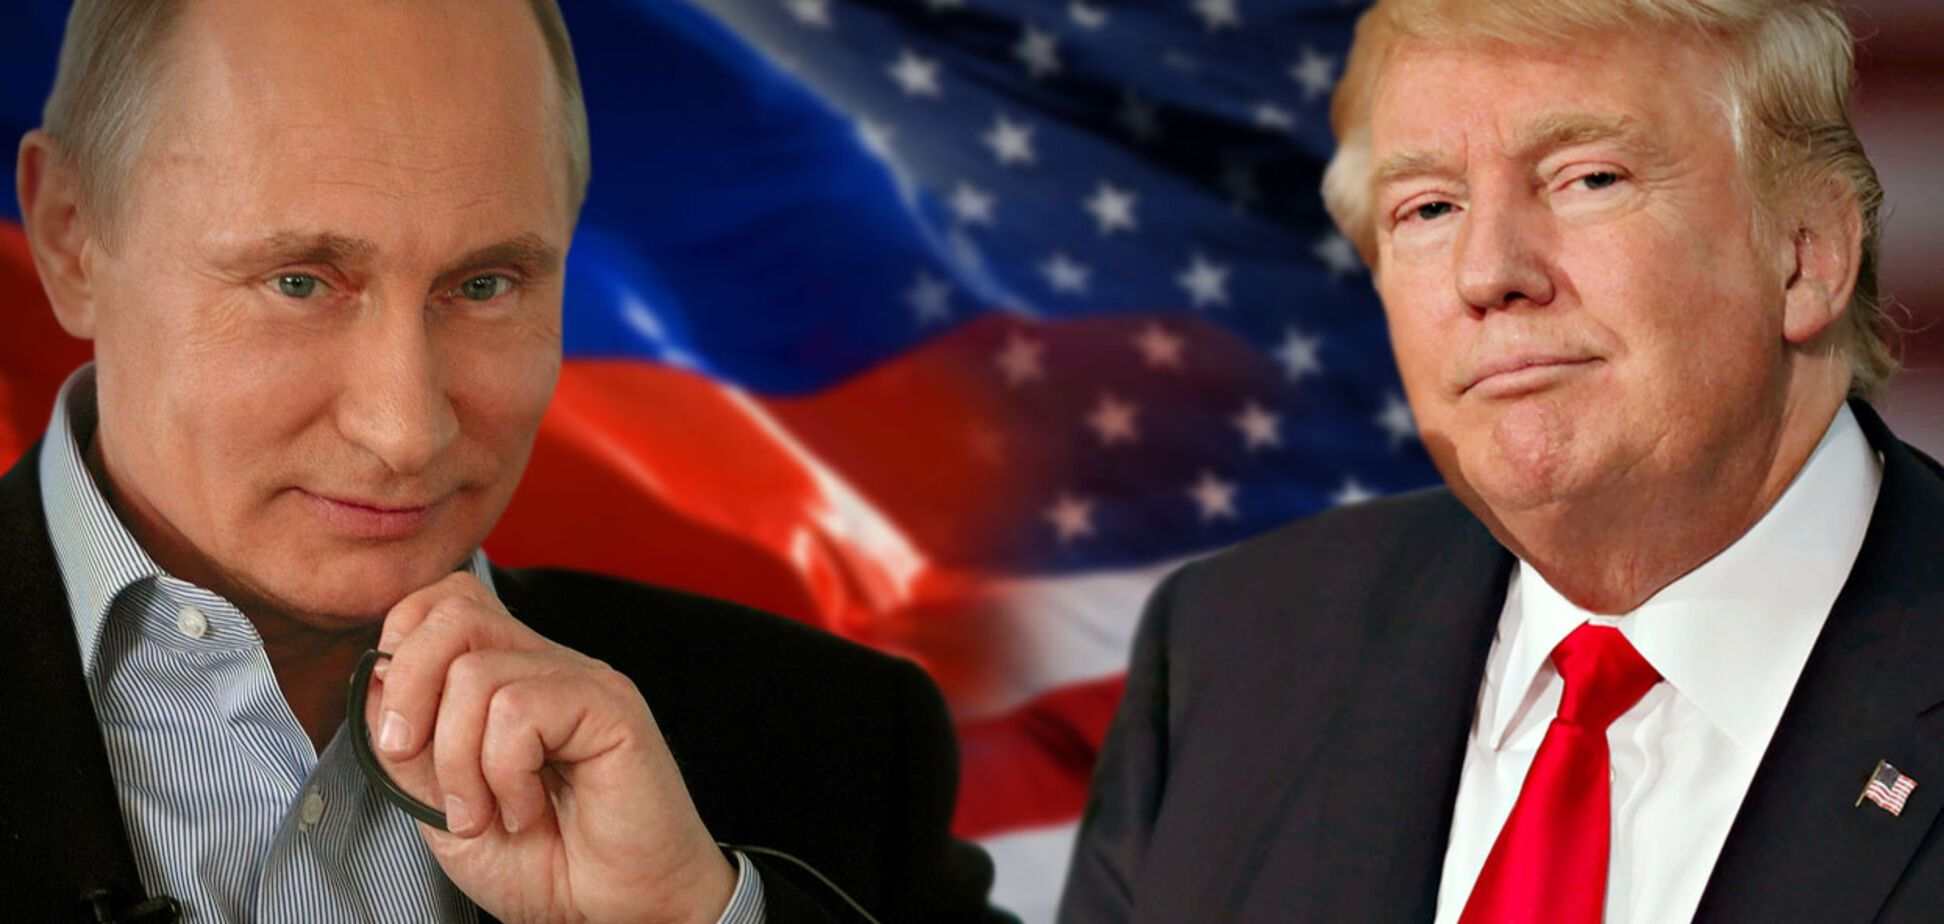 Вбивства в Україні та зустріч Путін-Трамп: генерал побачив зв'язок